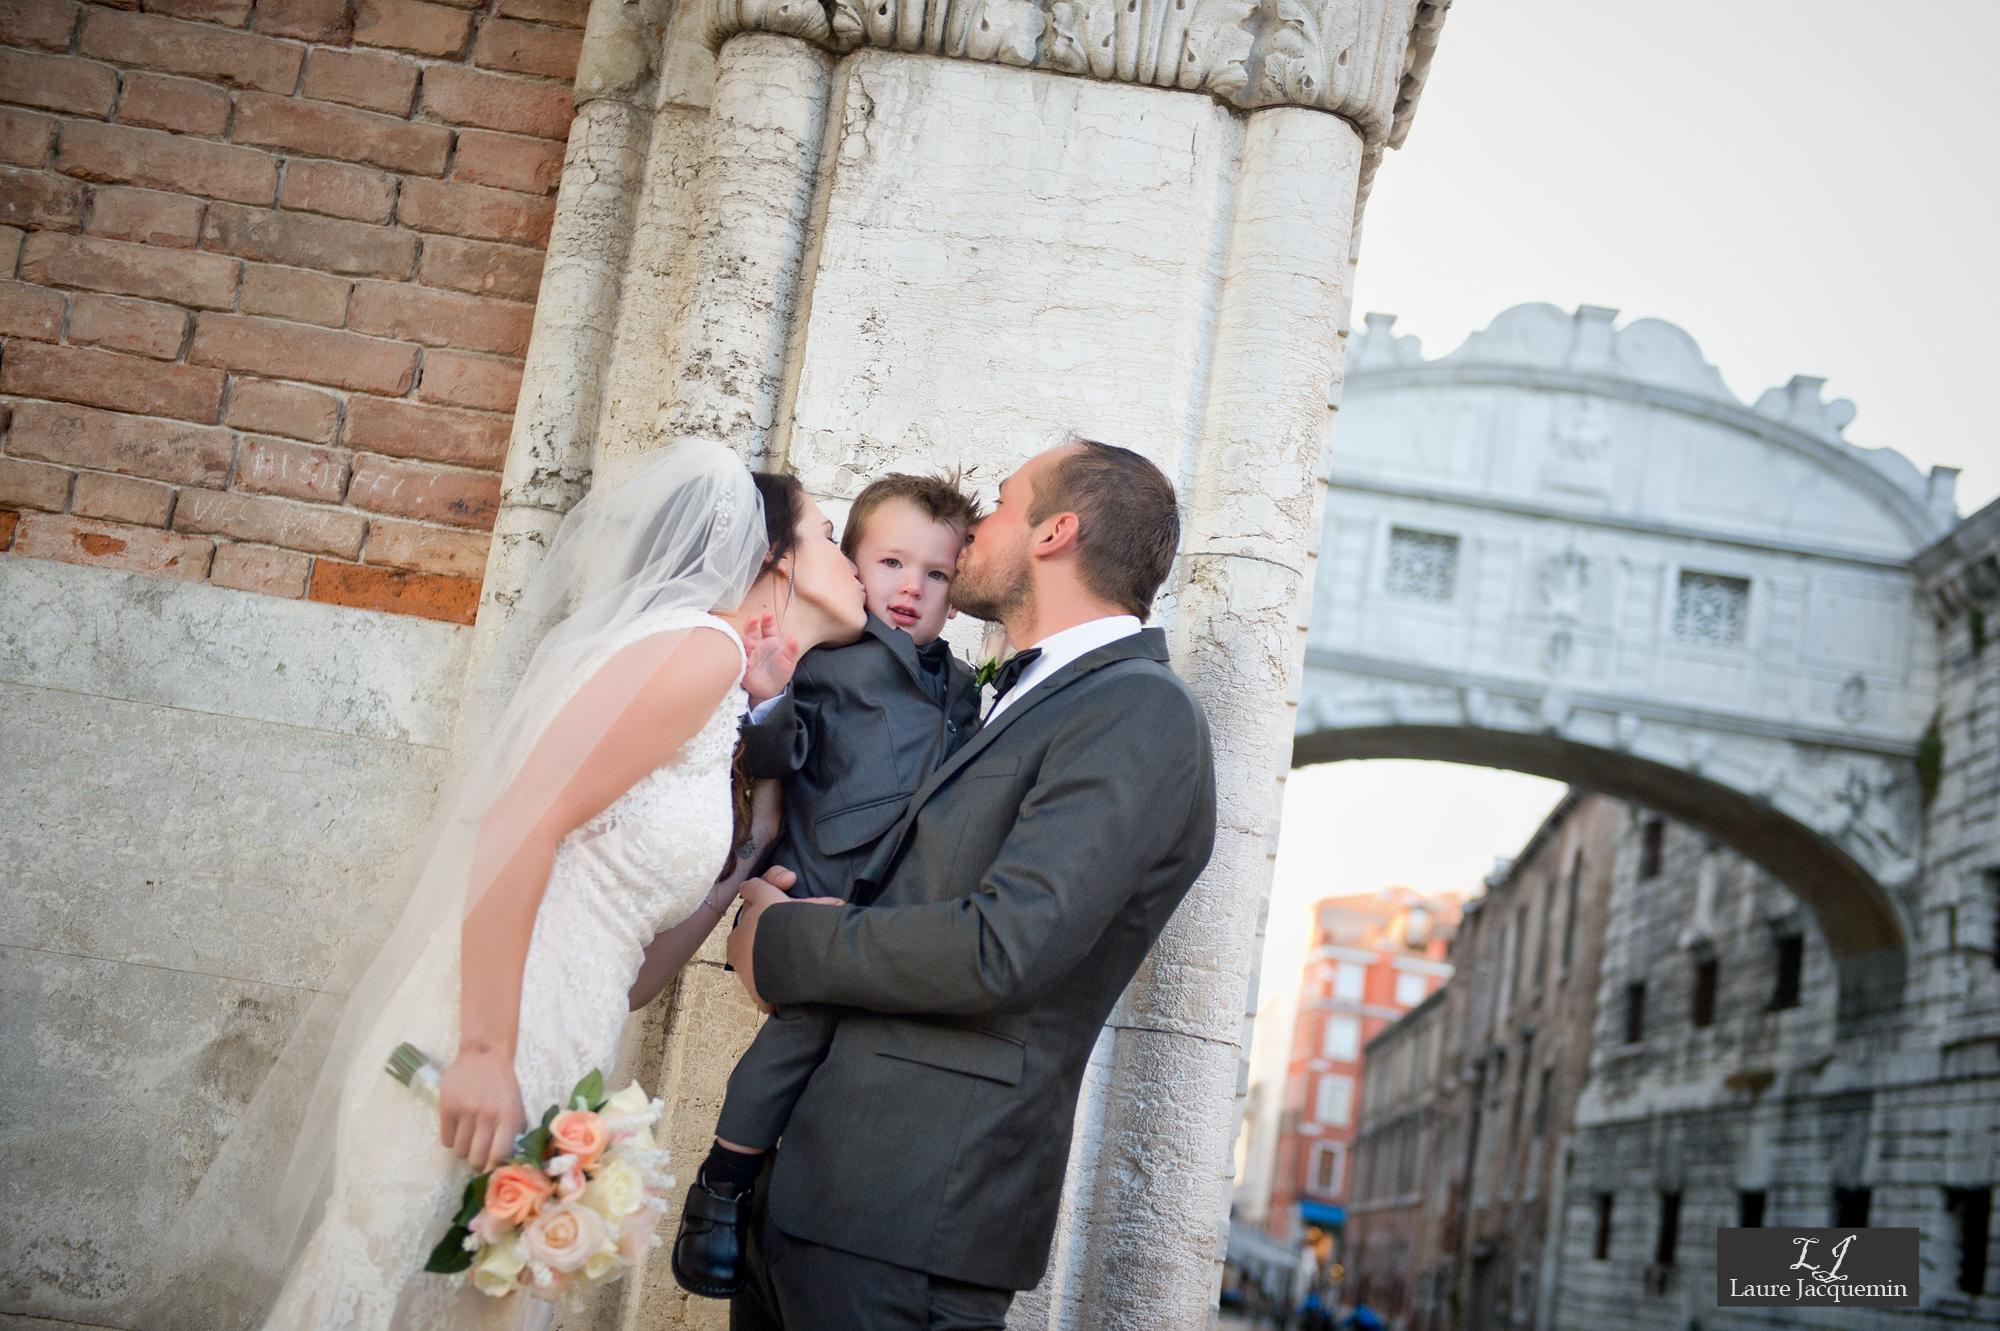 photographe mariage laure jacquemin palazzo cavalli service photographique (93)